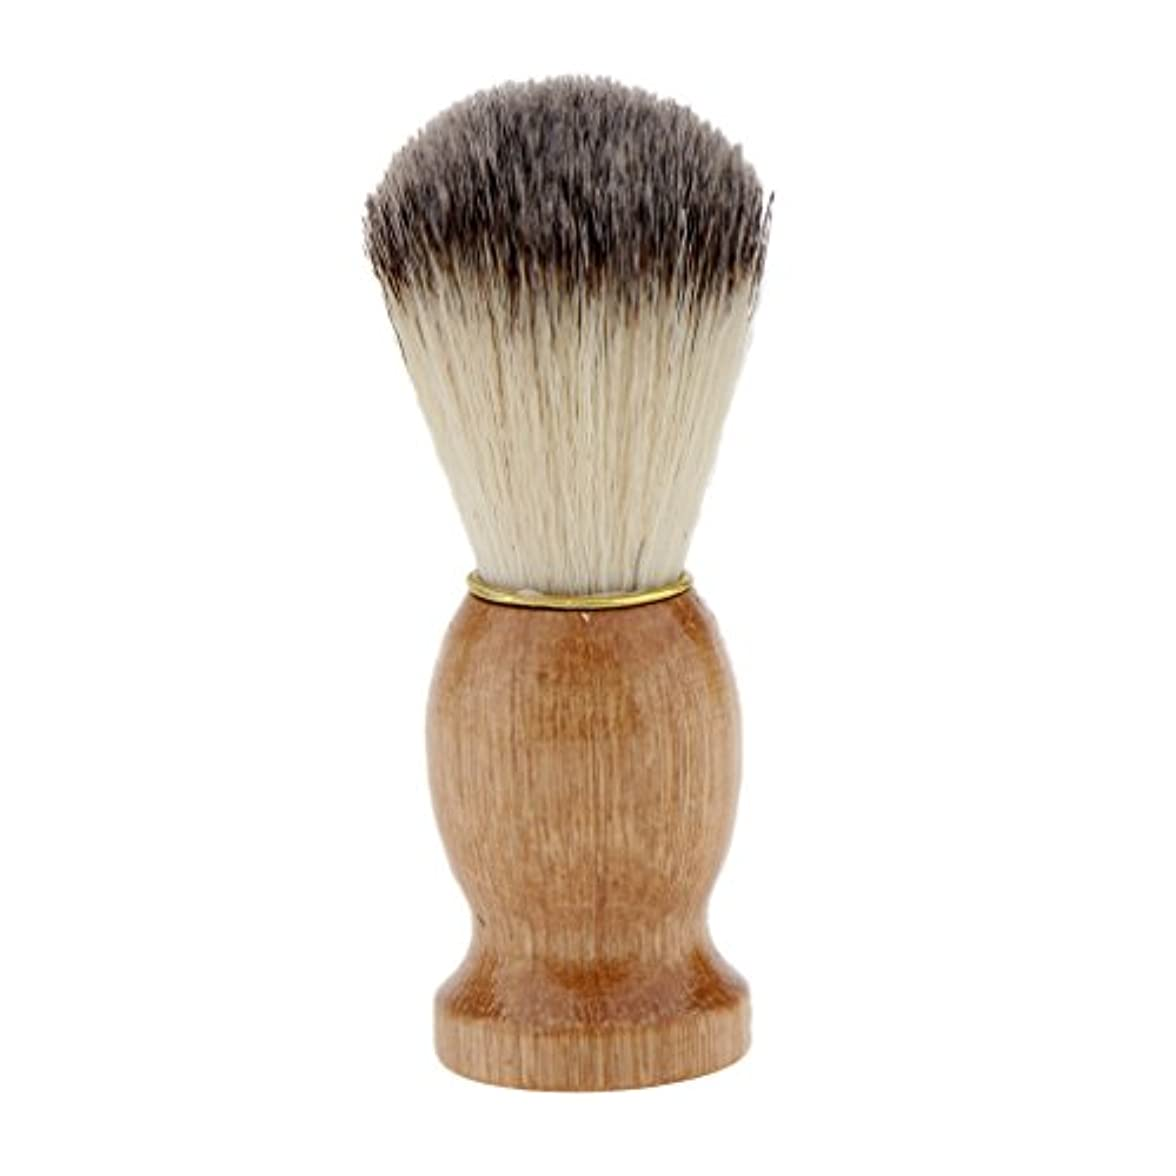 店員川神経衰弱木のハンドルは、男性のための毛のひげ剃りブラシ毛のひげを切るダストクレンジング